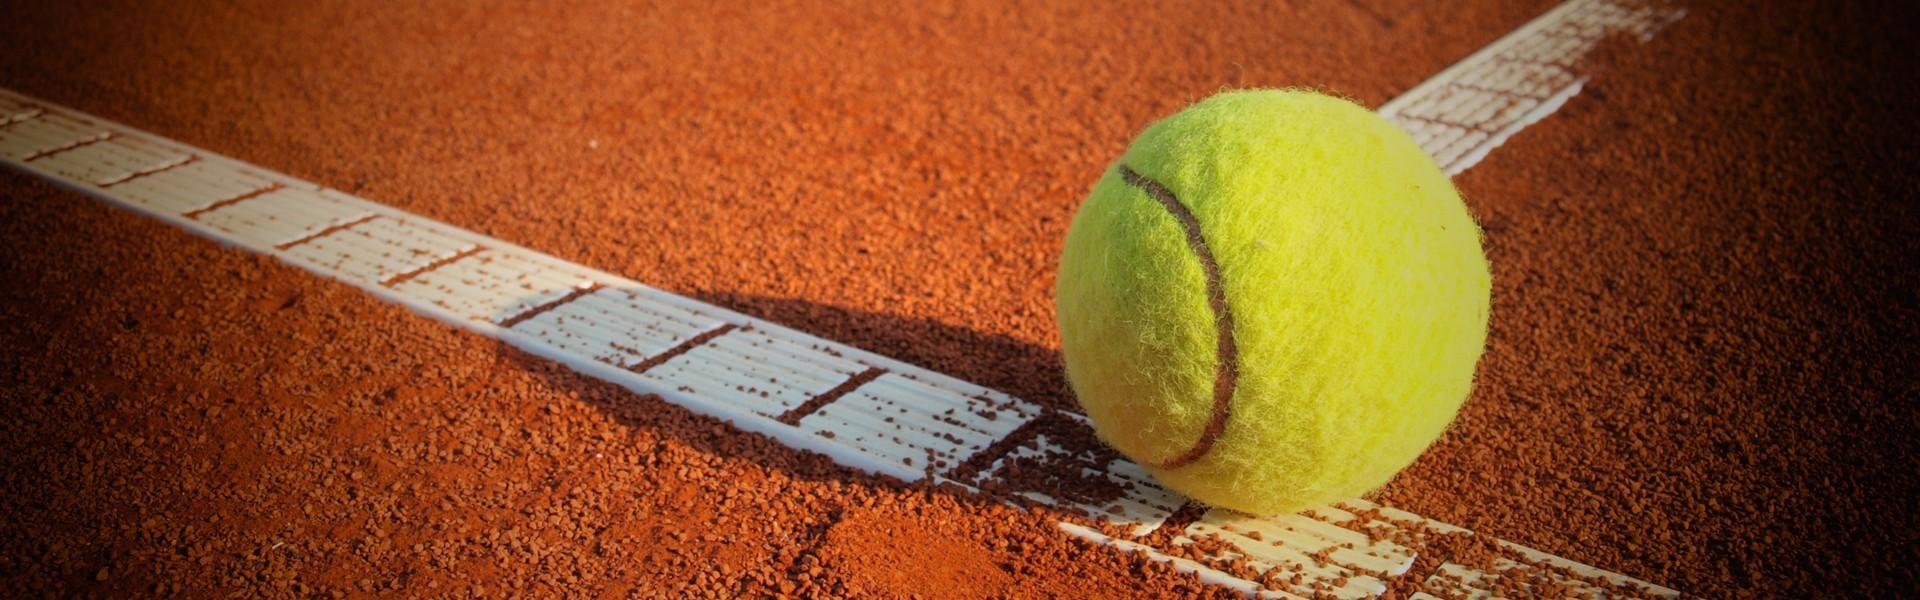 Articoli sportivi per tennis Acquista online su Sportland